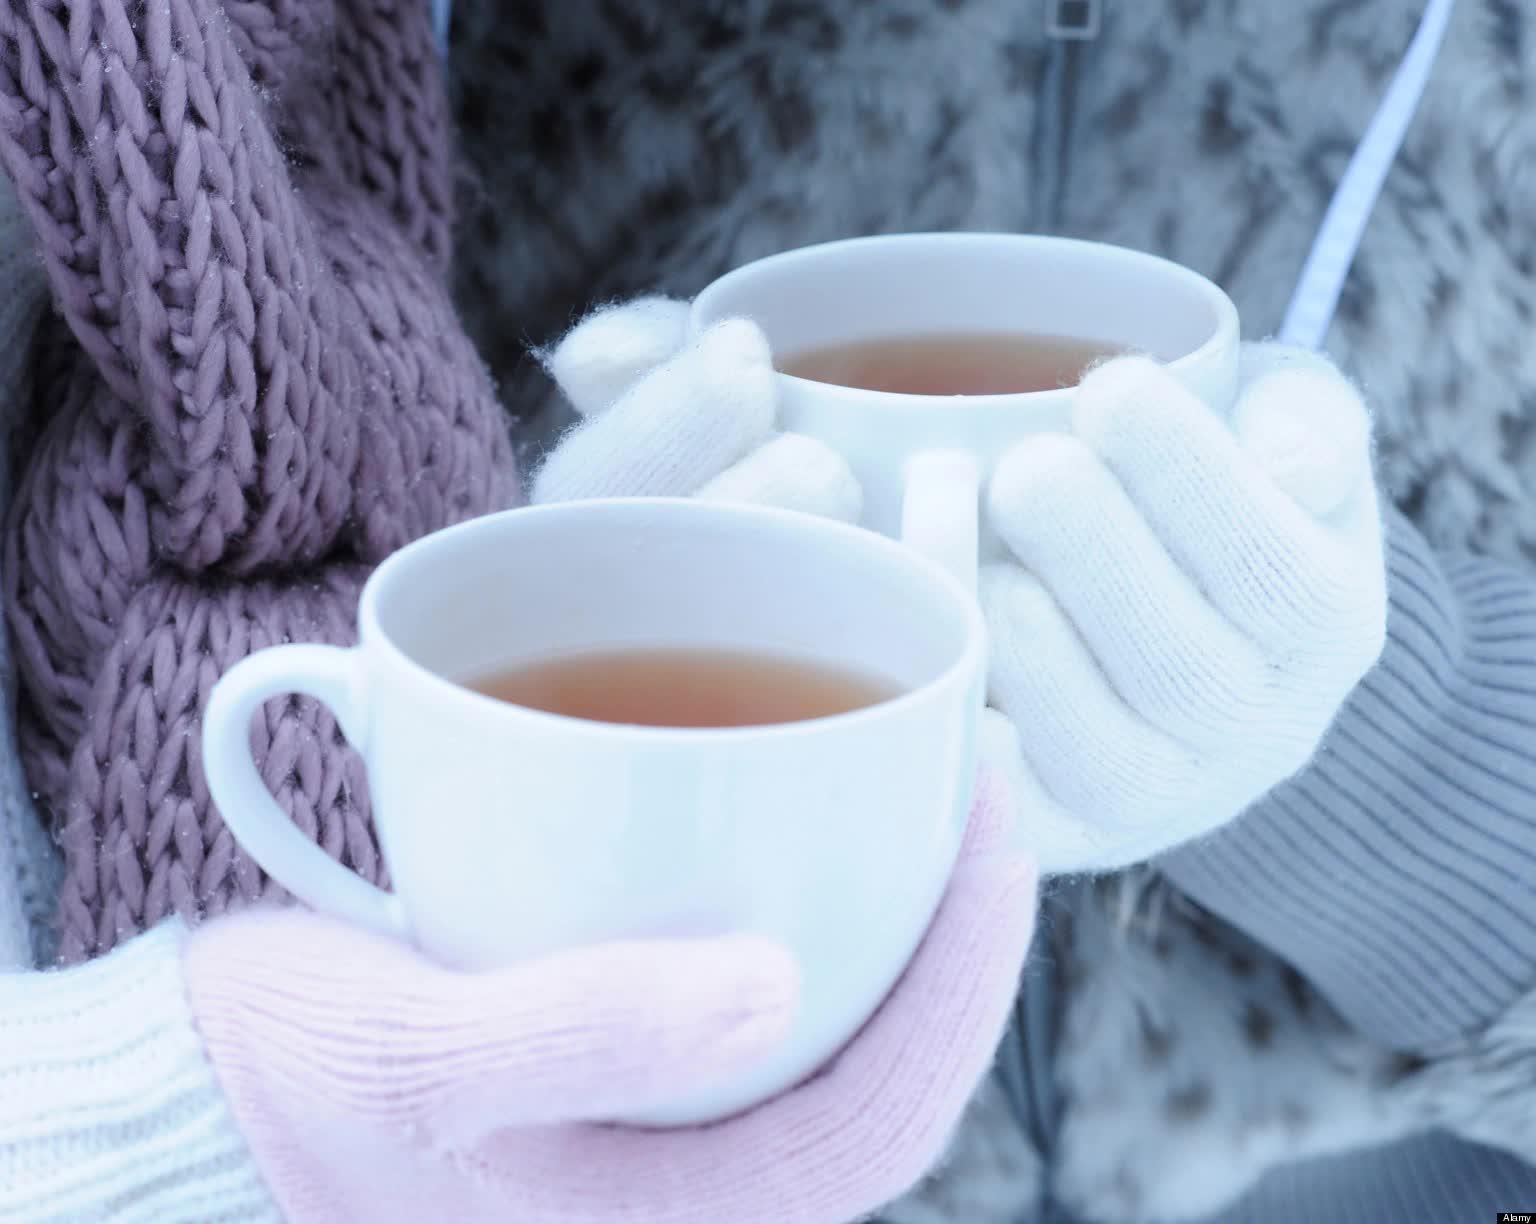 Cẩm nang bảo vệ sức khỏe khi thời tiết trở lạnh - Ảnh 3.